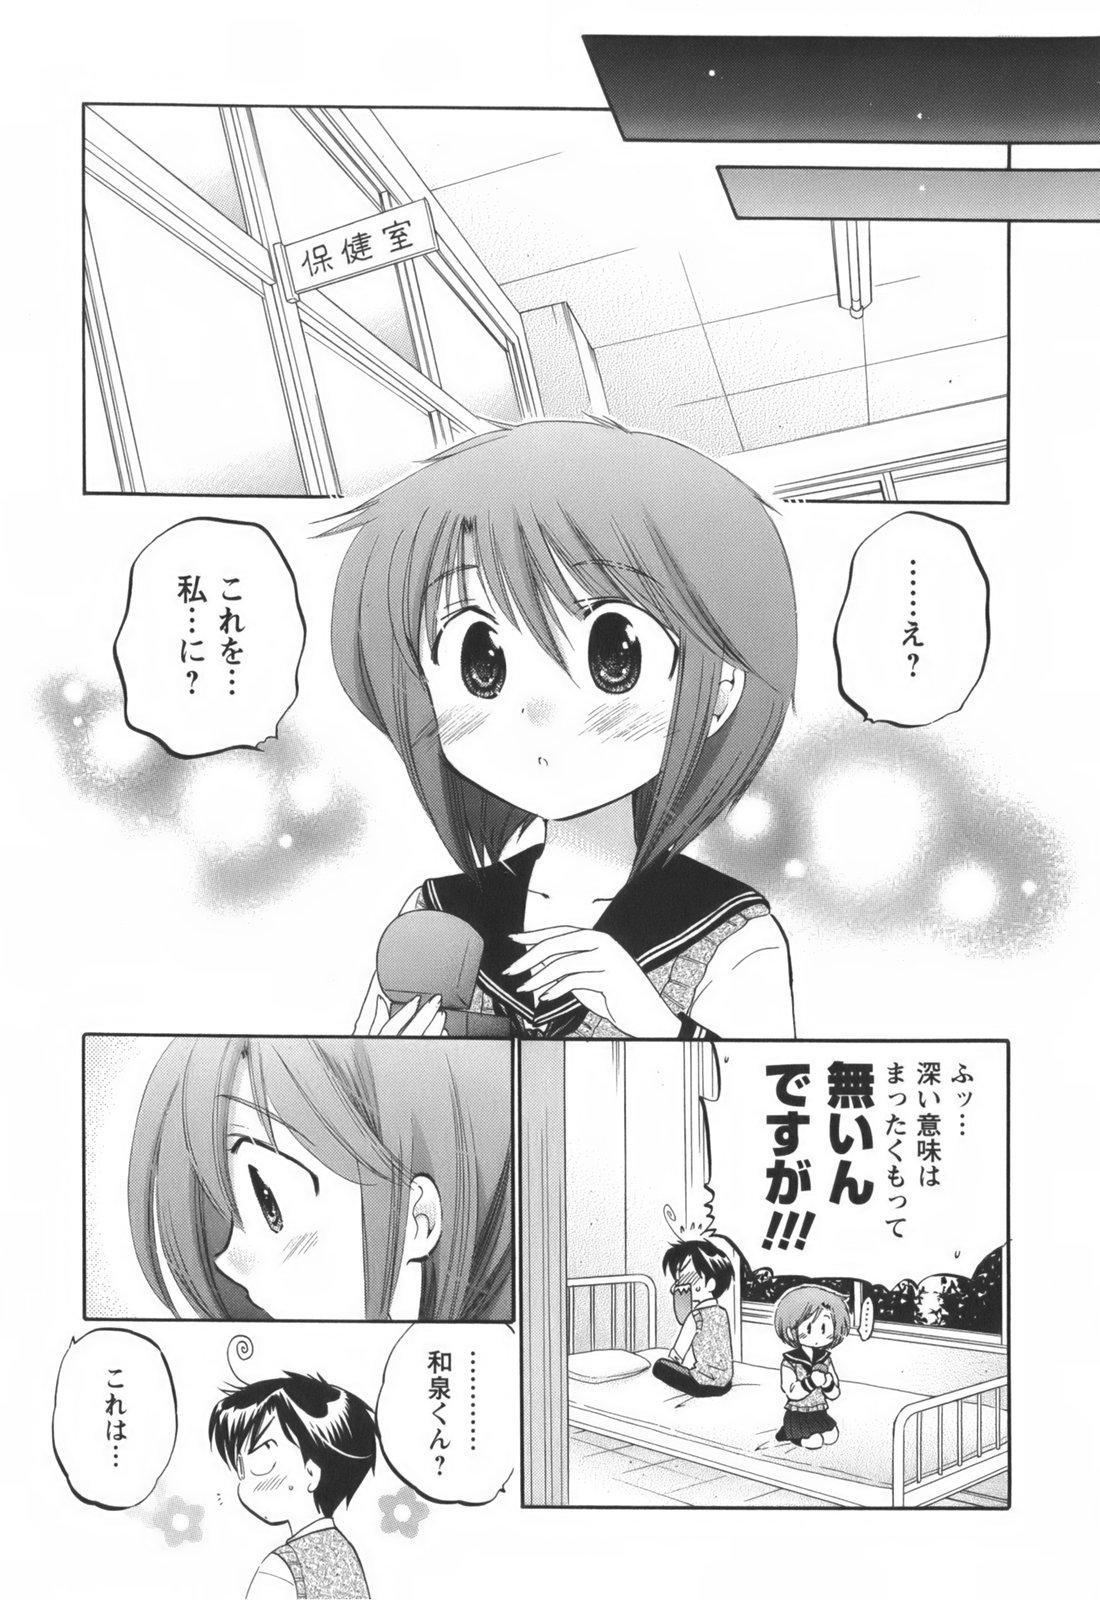 Okusama wa Seitokaichou 181